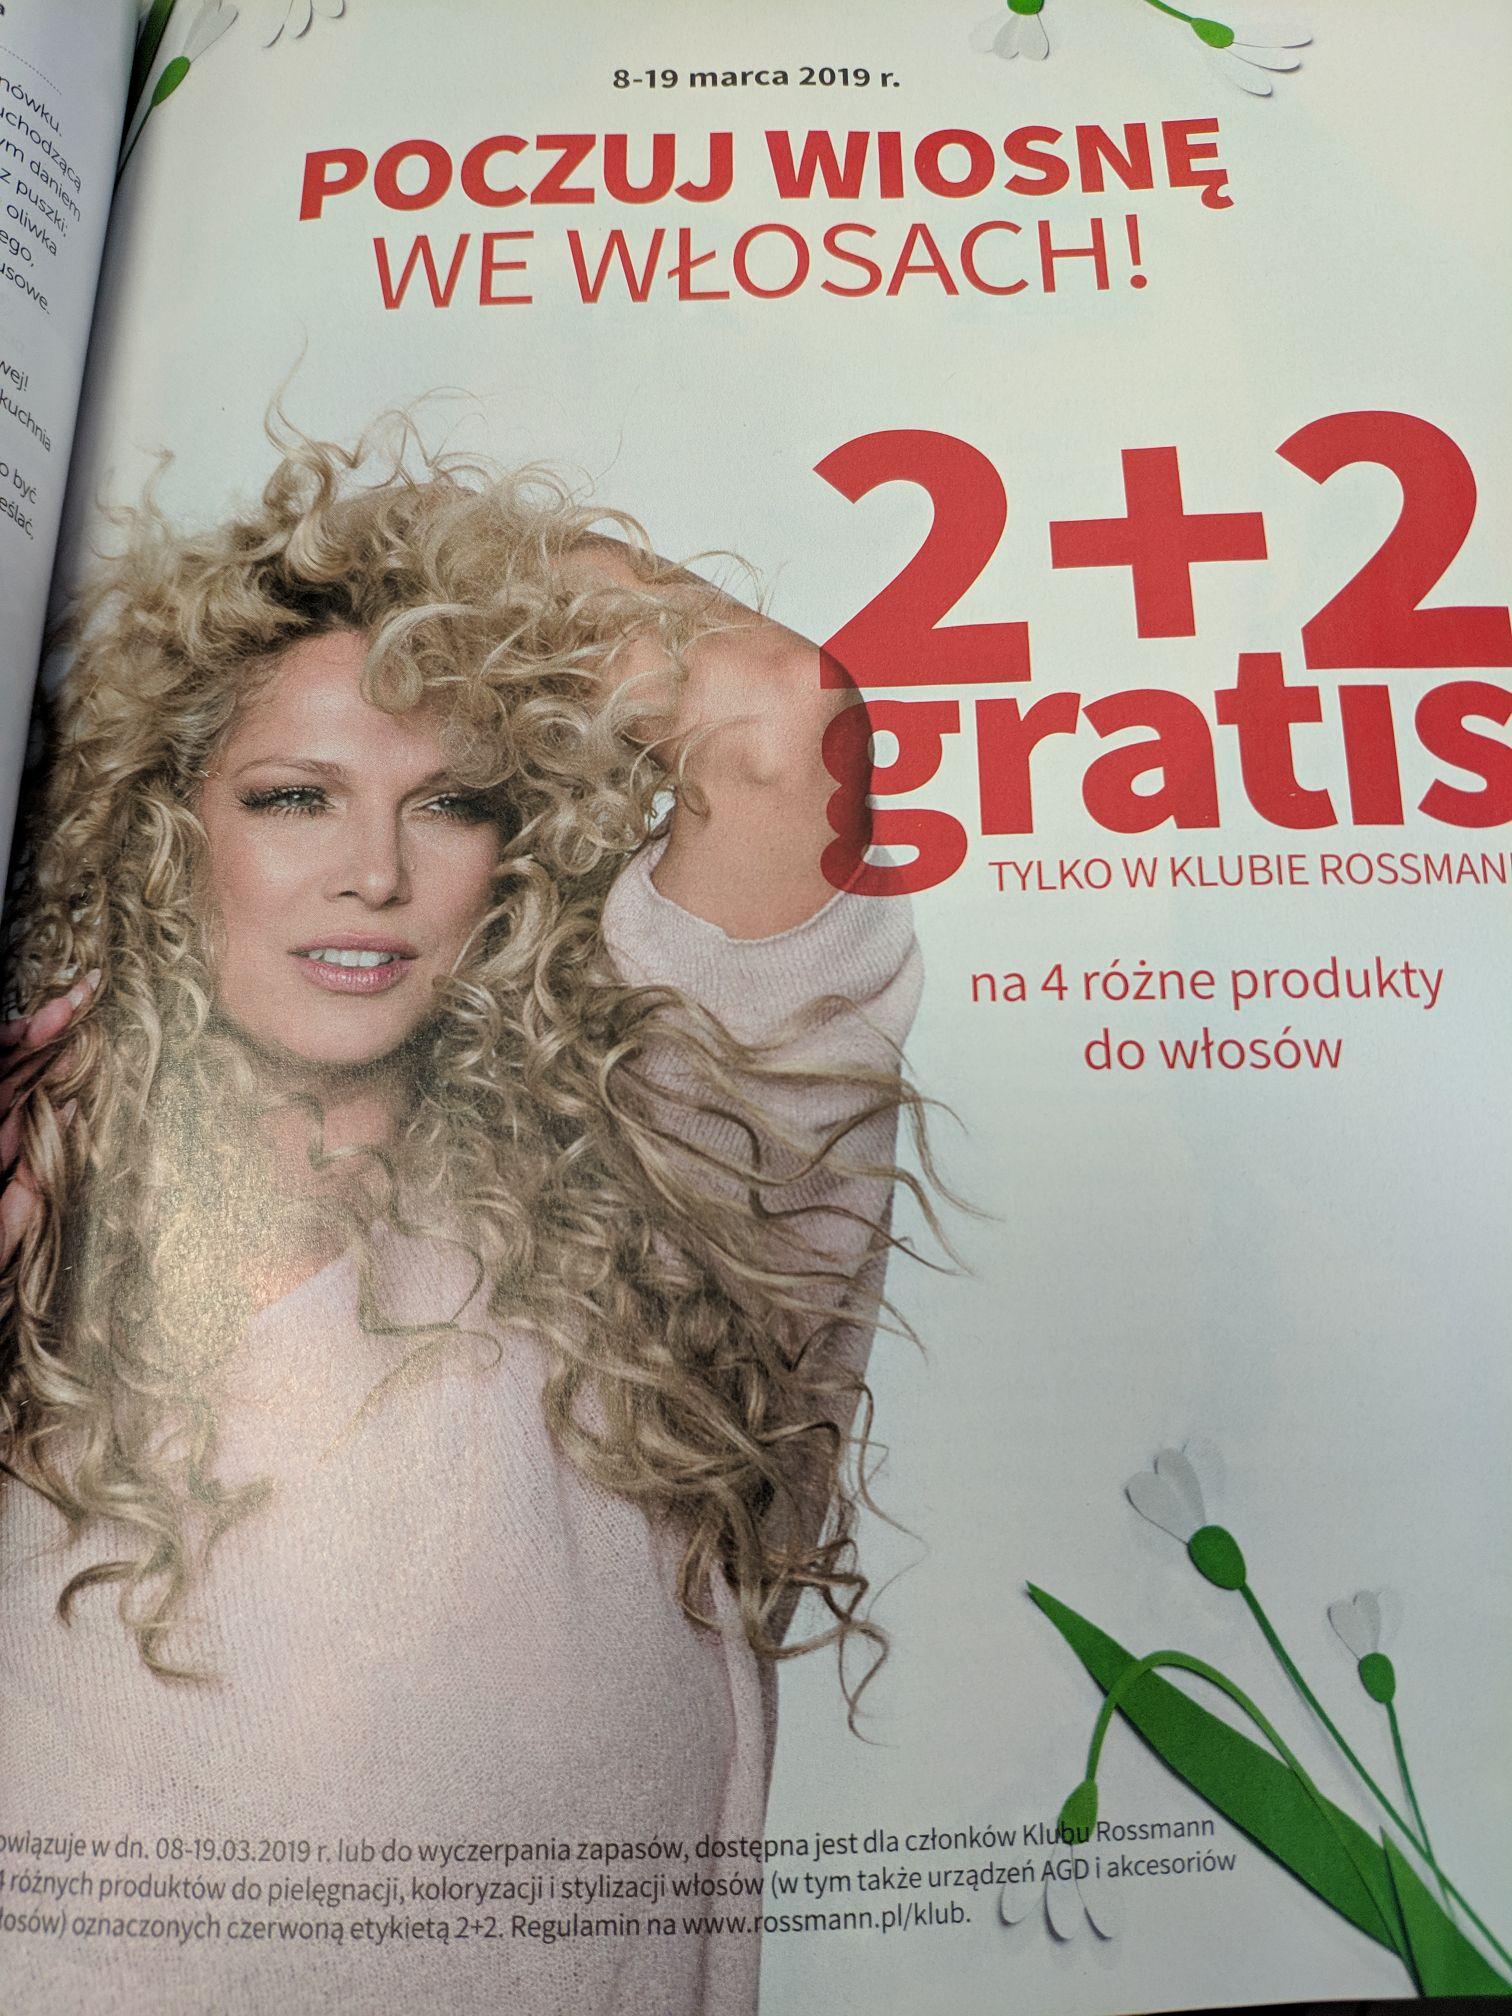 2+2 gratis na pielęgnację, stylizacje i koloryzację włosów w Rossmannie od 8 marca